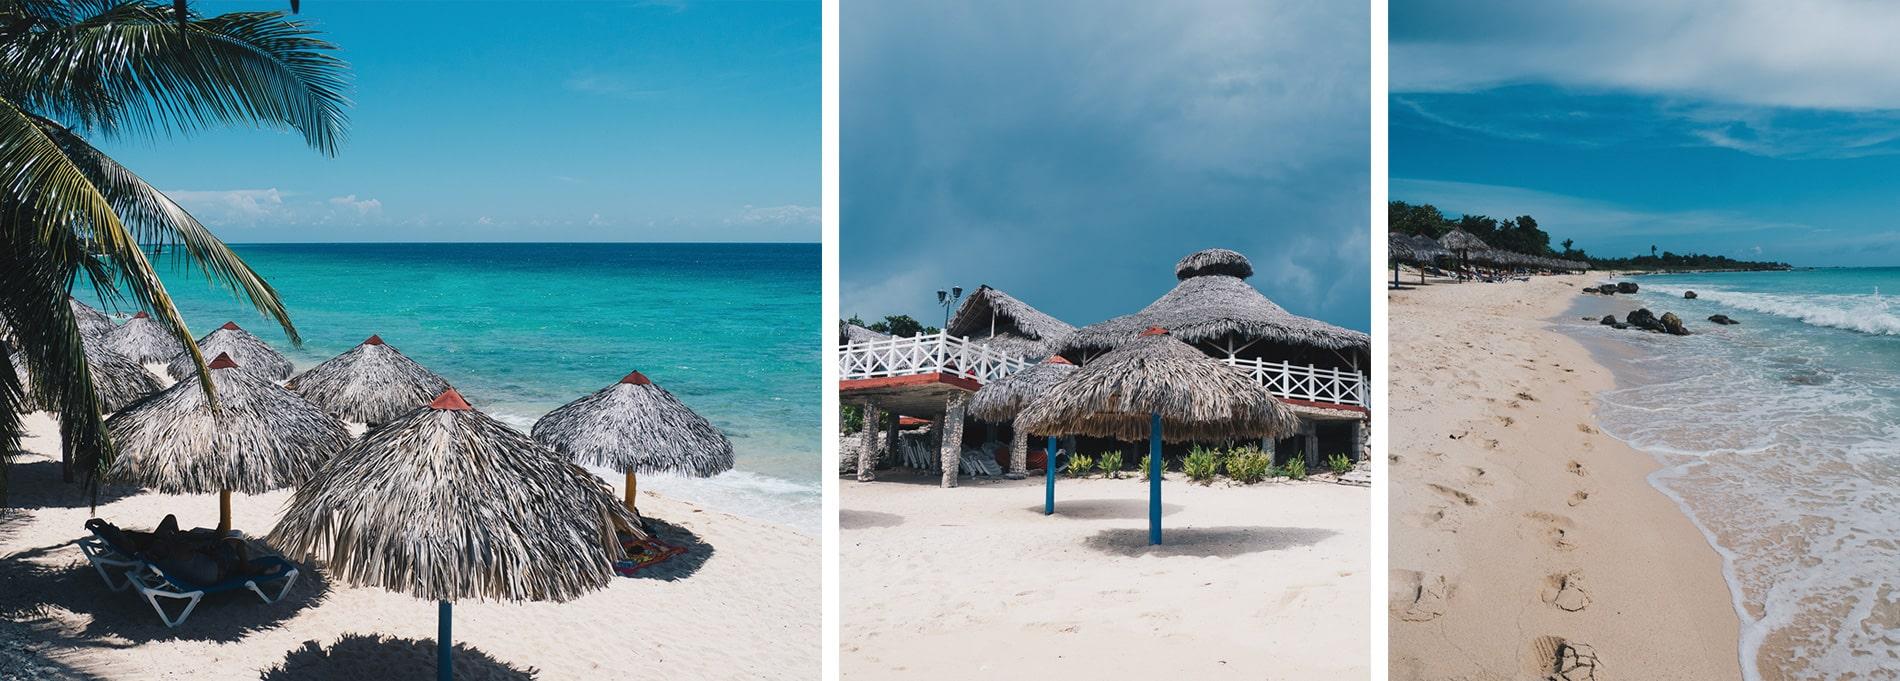 cuba | trinidad | plages